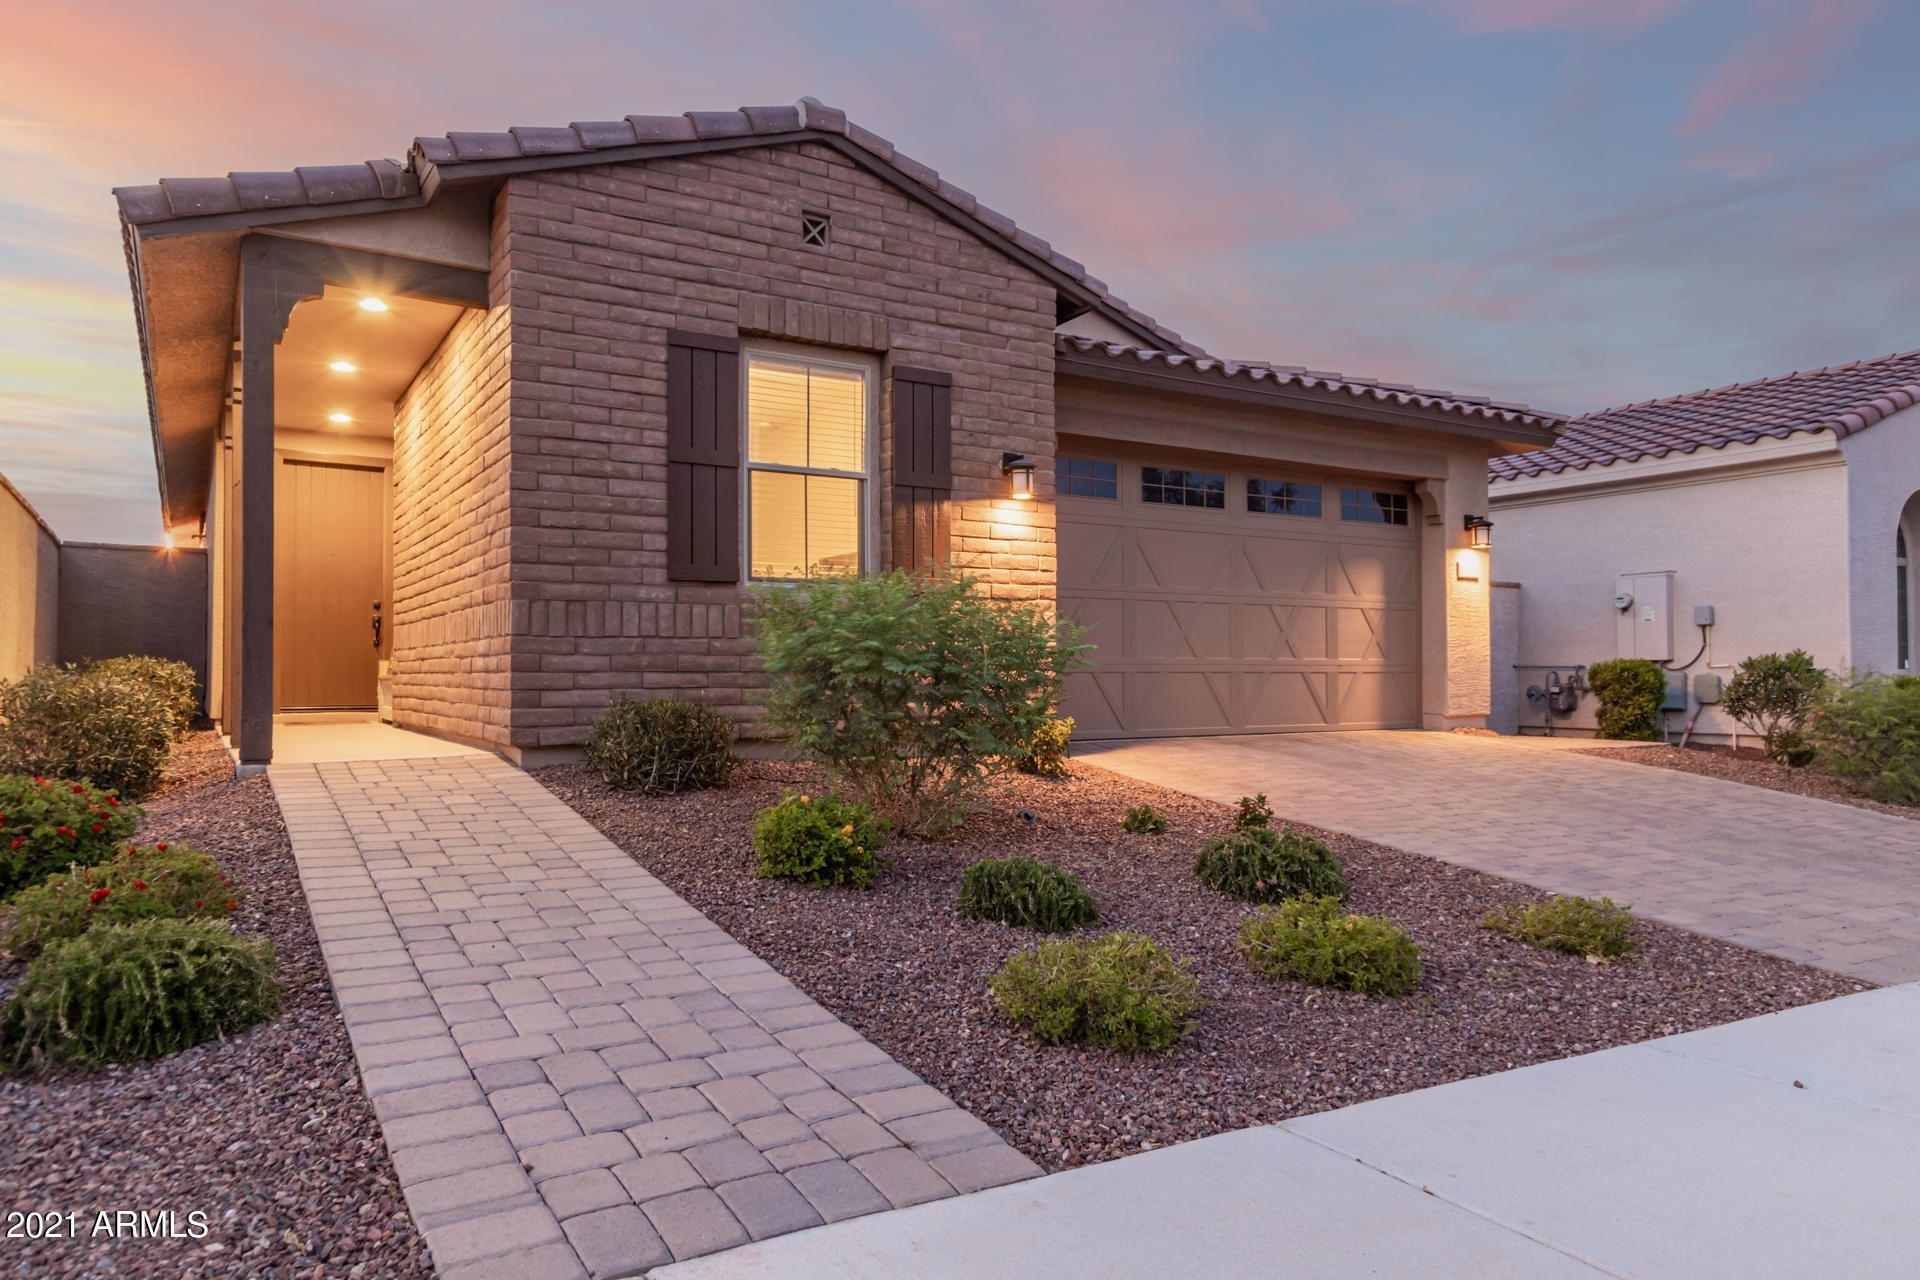 Photo of 19748 W DEVONSHIRE Avenue, Litchfield Park, AZ 85340 (MLS # 6259576)